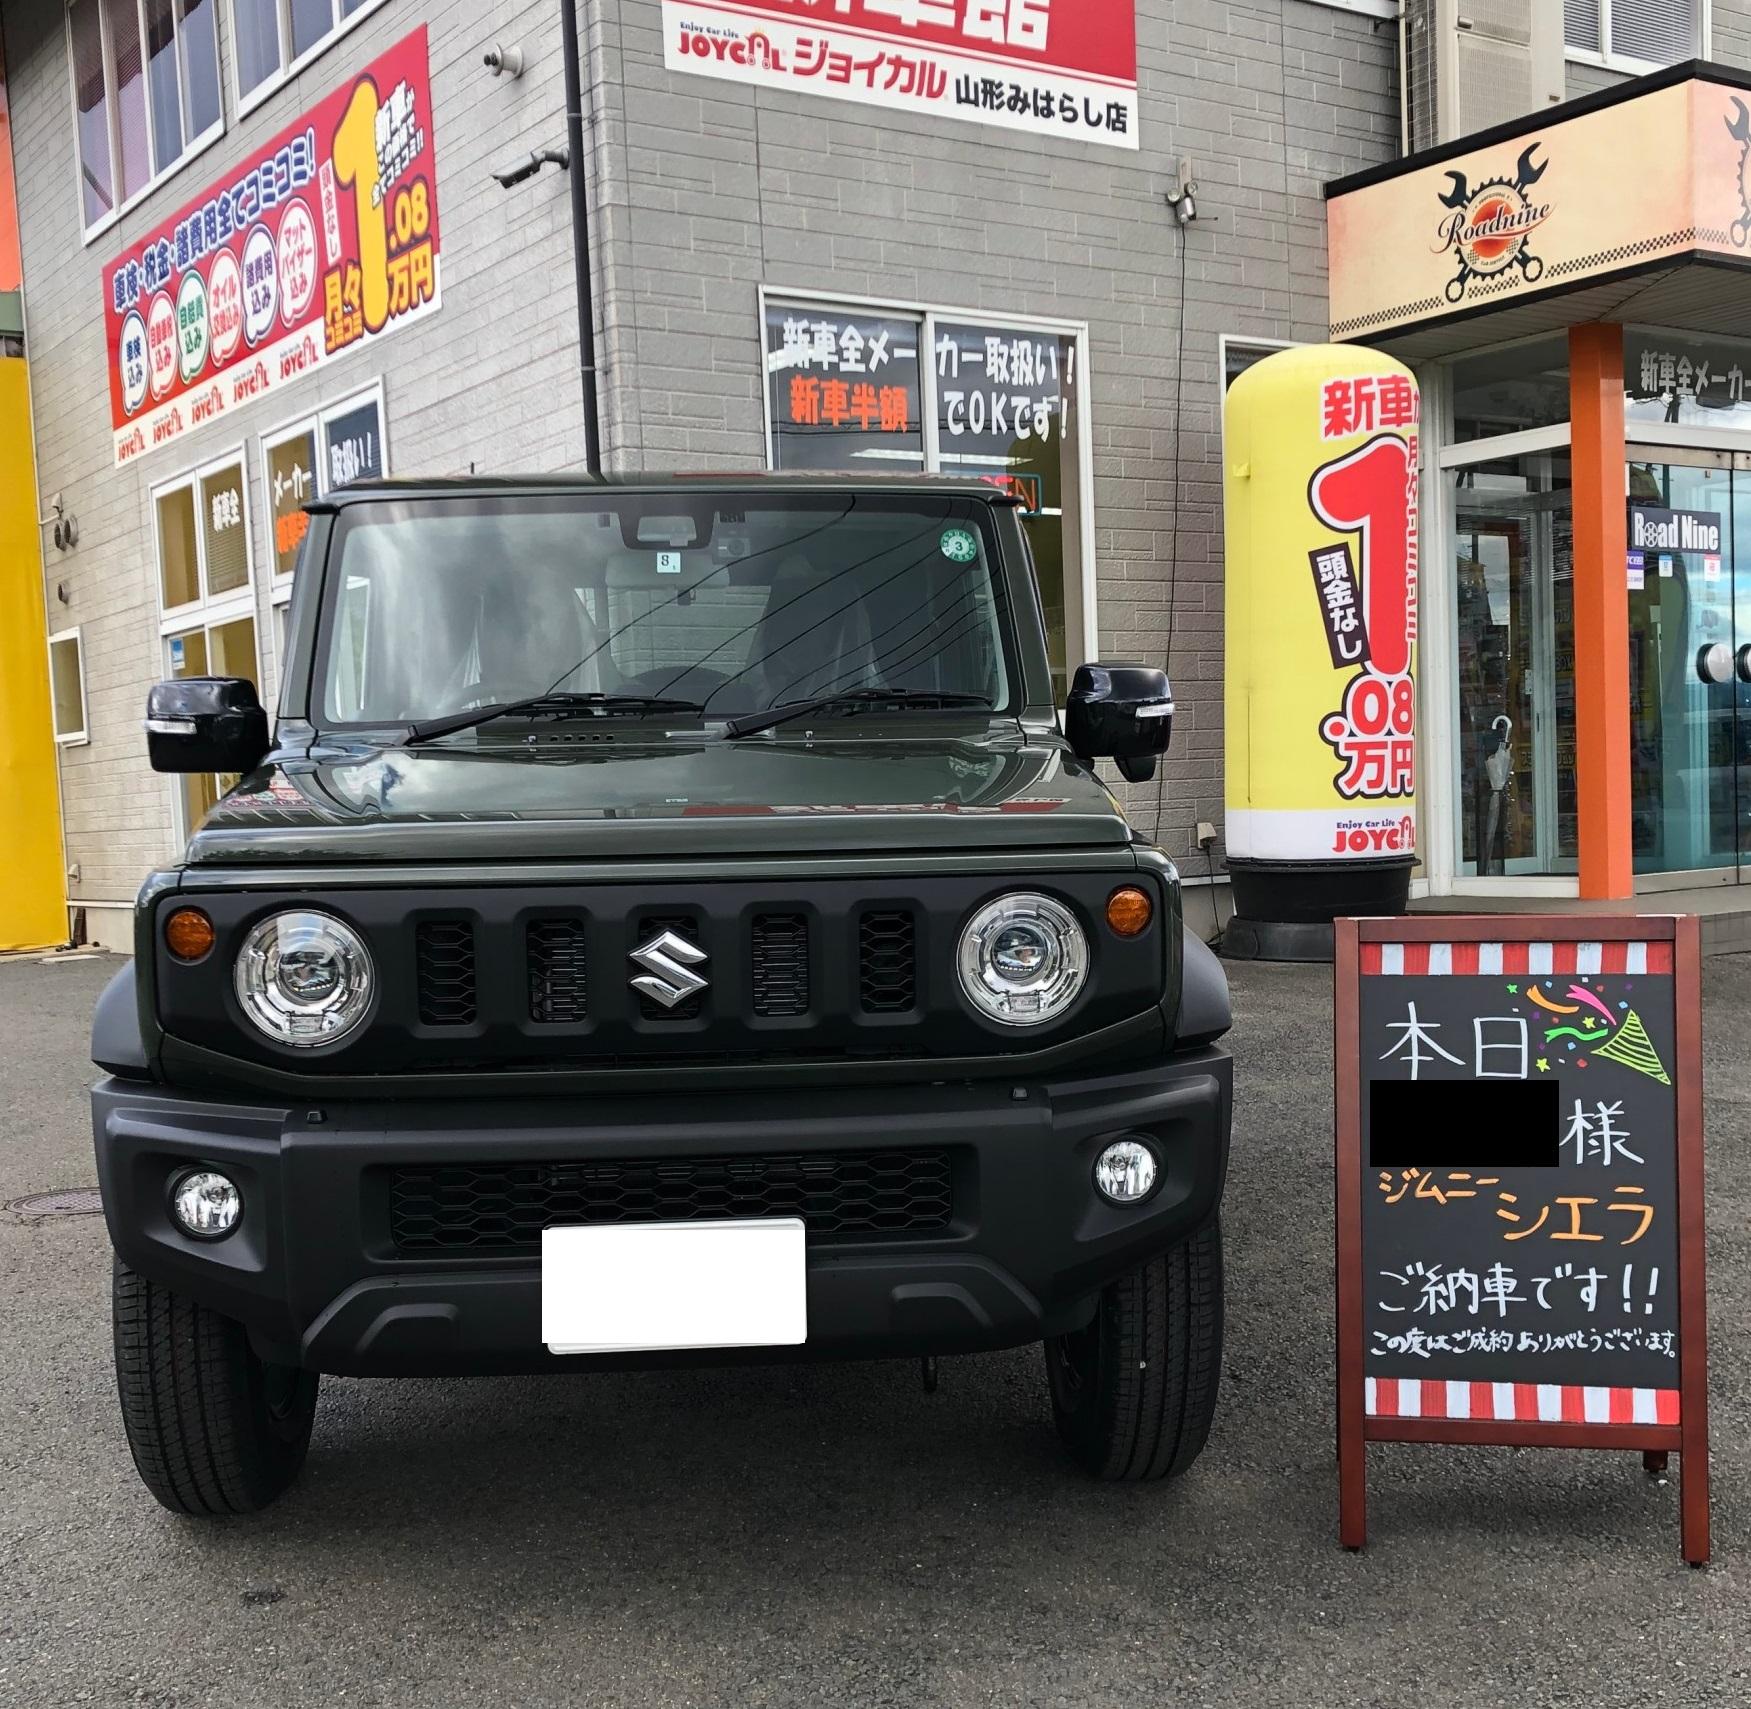 山形県 山形市 新車 新車販売 車両販売 スズキ ジムニーシエラ の画像